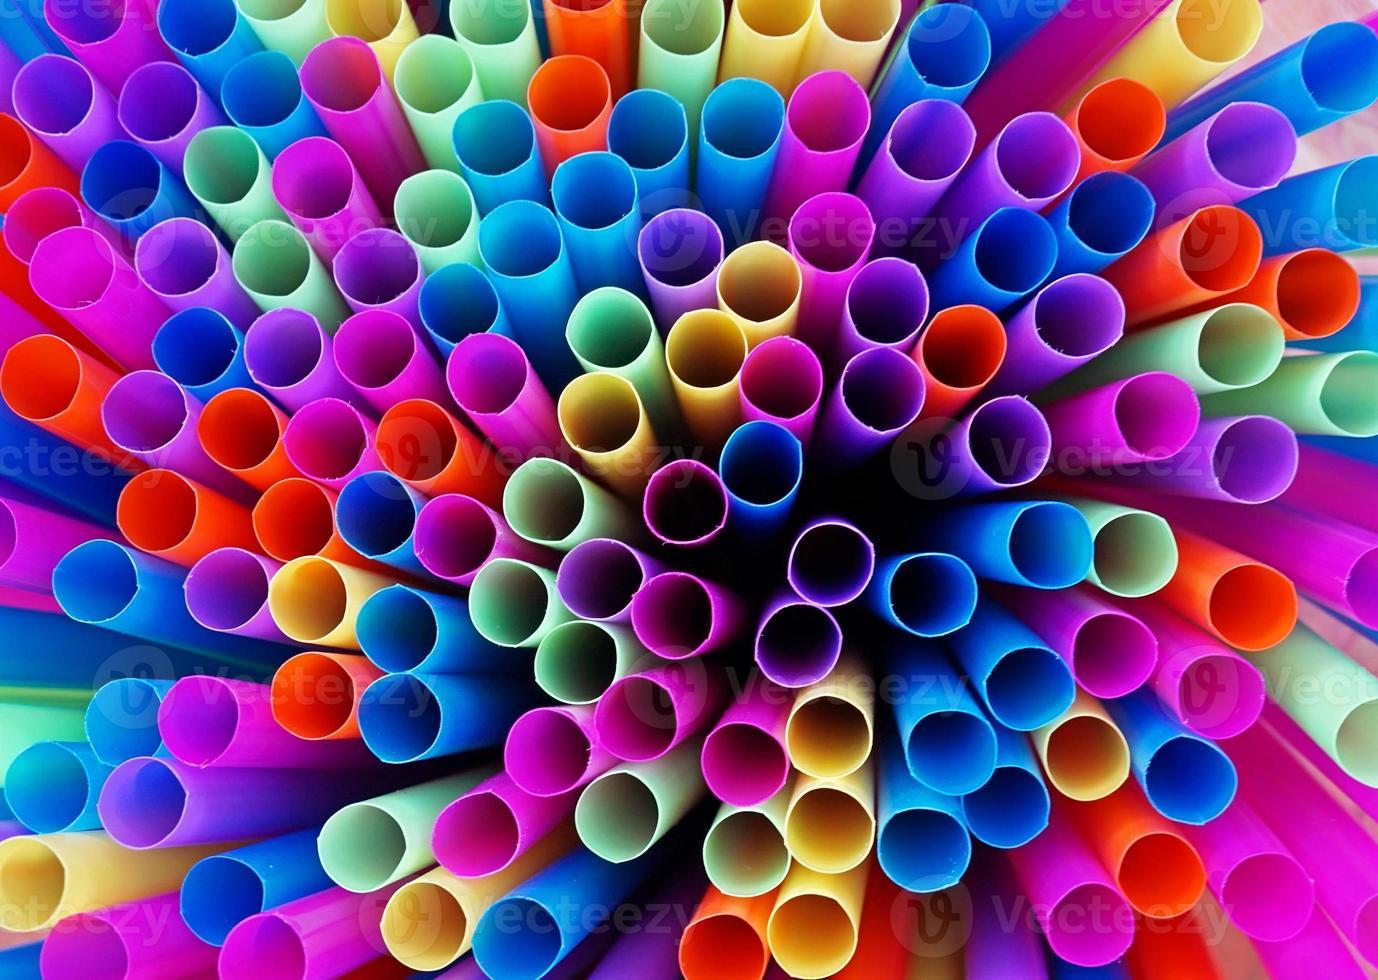 radiador colorido de pajitas foto